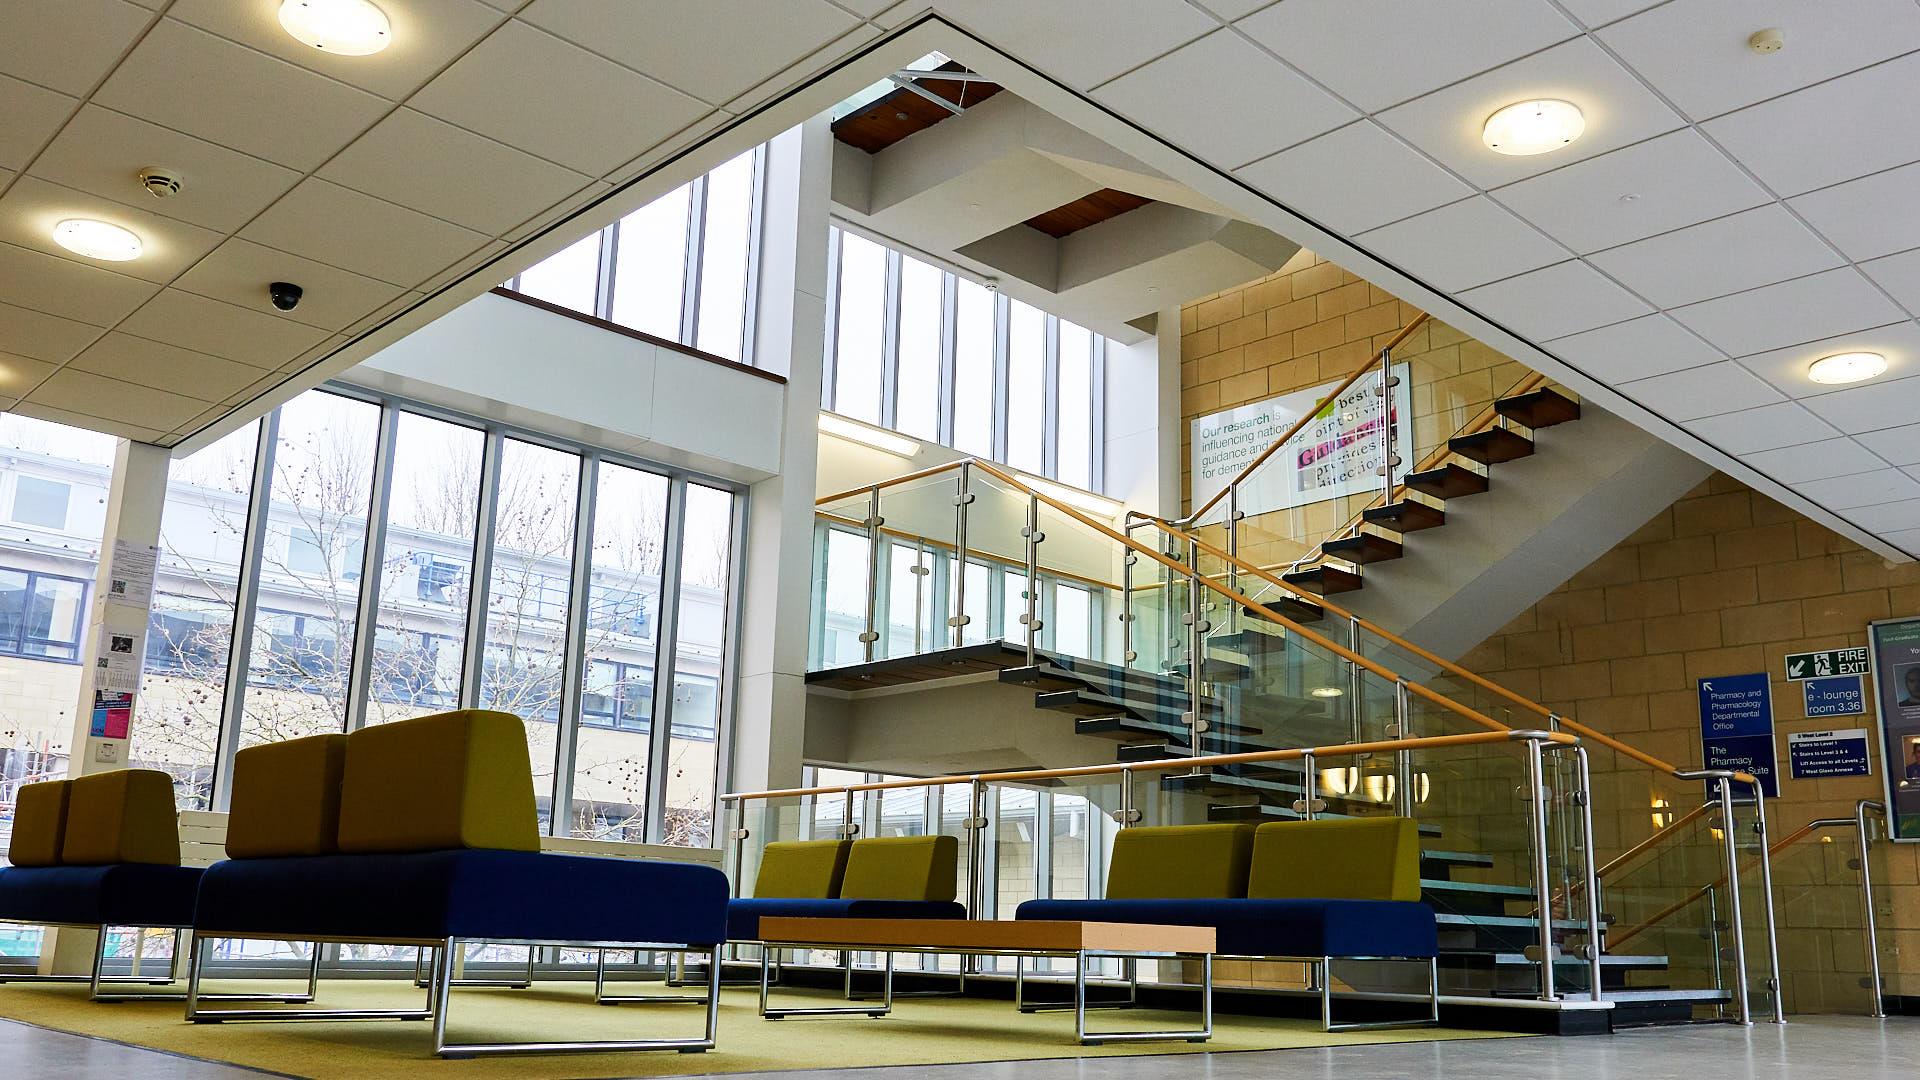 5 West 1st floor